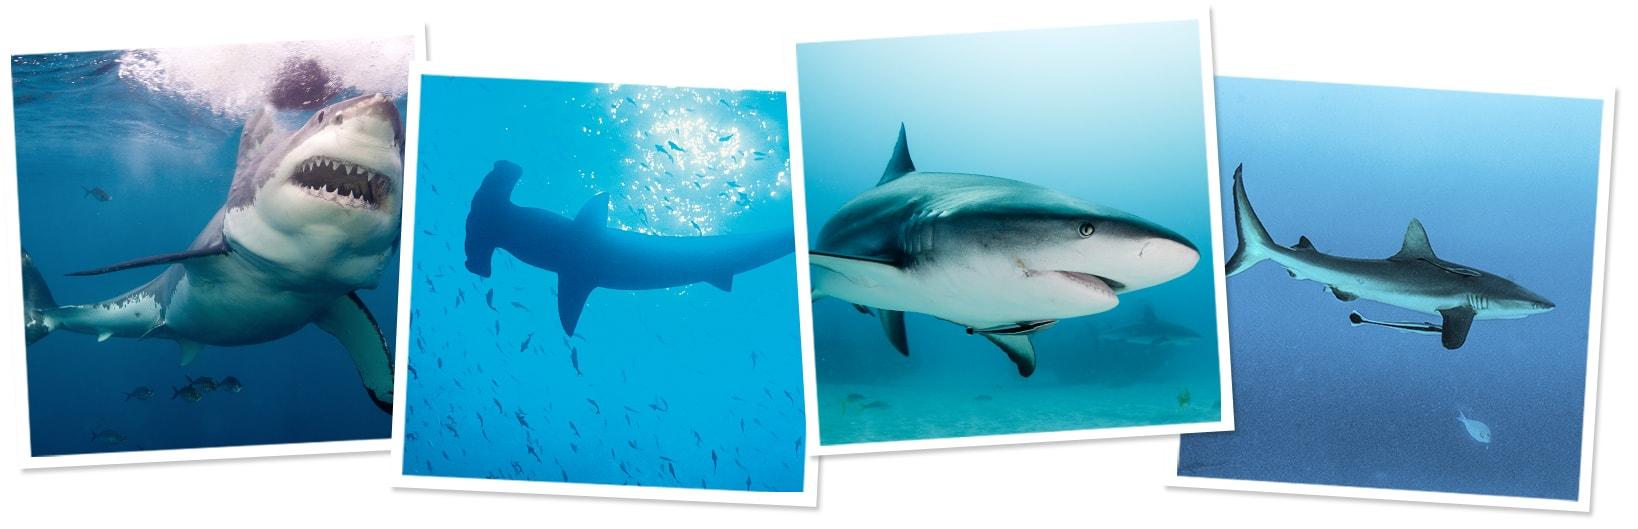 Sharks around the world!